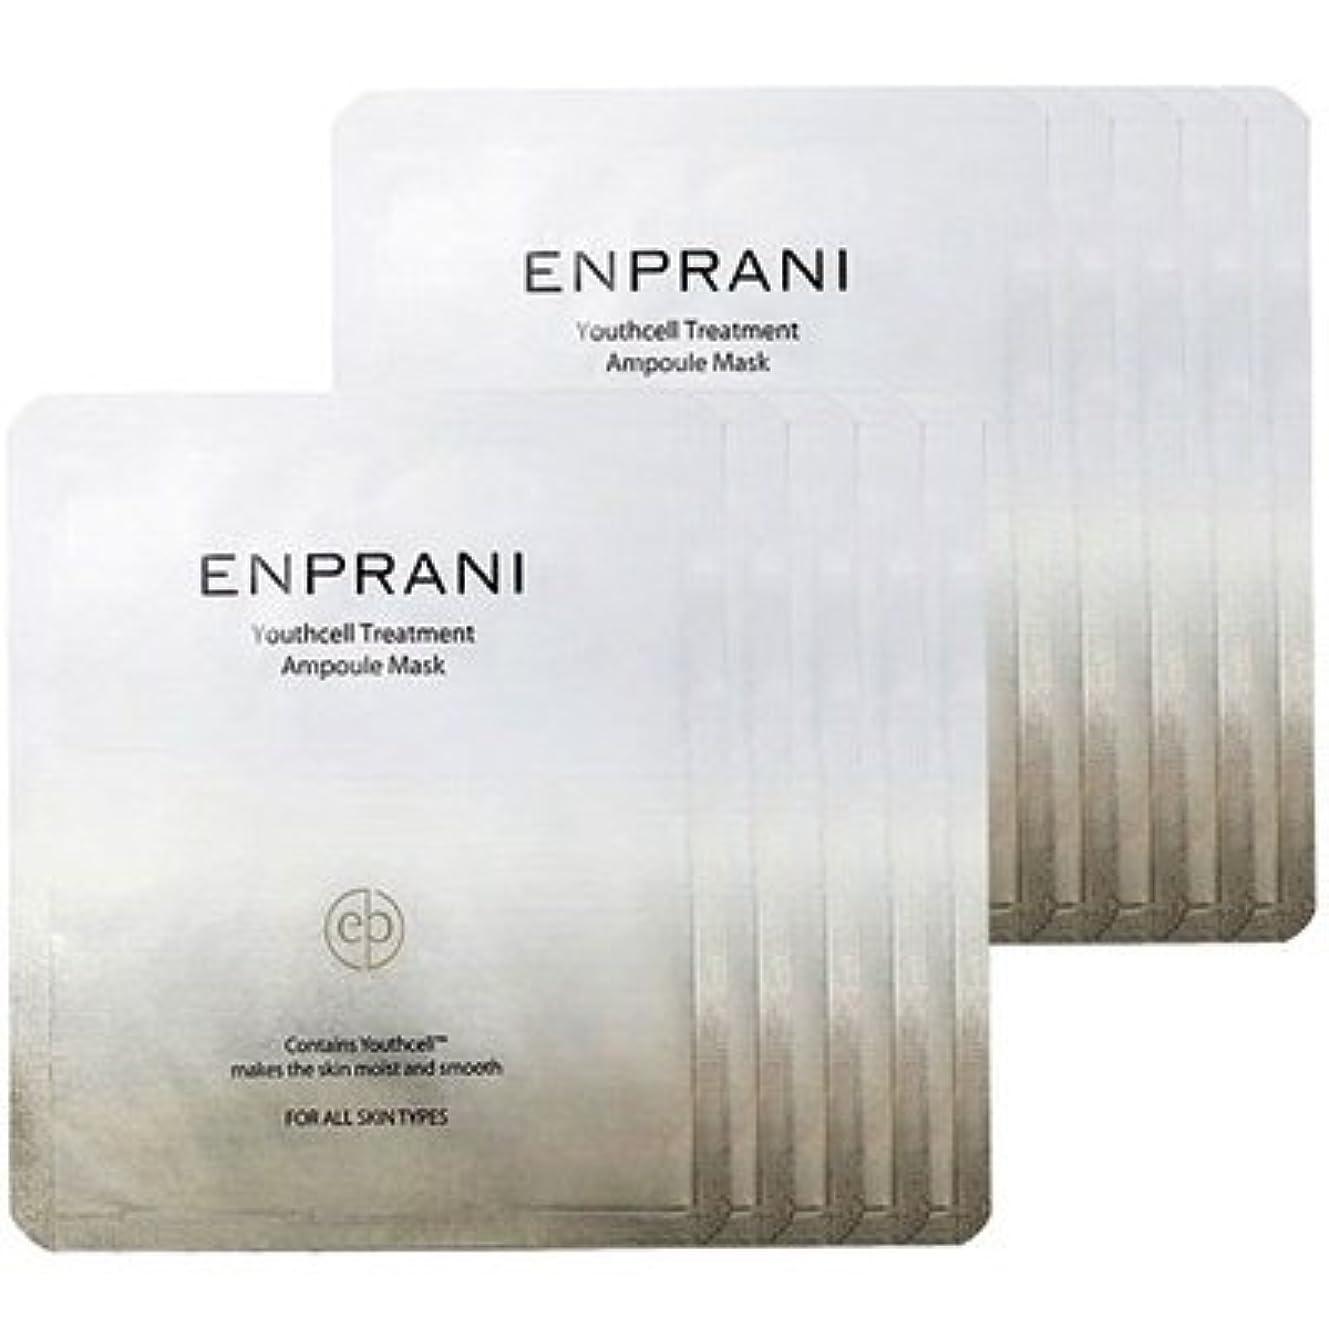 信号職業無臭[20枚][エンプラニ]ENPRANI[ユースセル トリートメント アンプル マスクパック (20枚)](Youthcell Treatment Ampoule Mask 20Sheets) [並行輸入品]